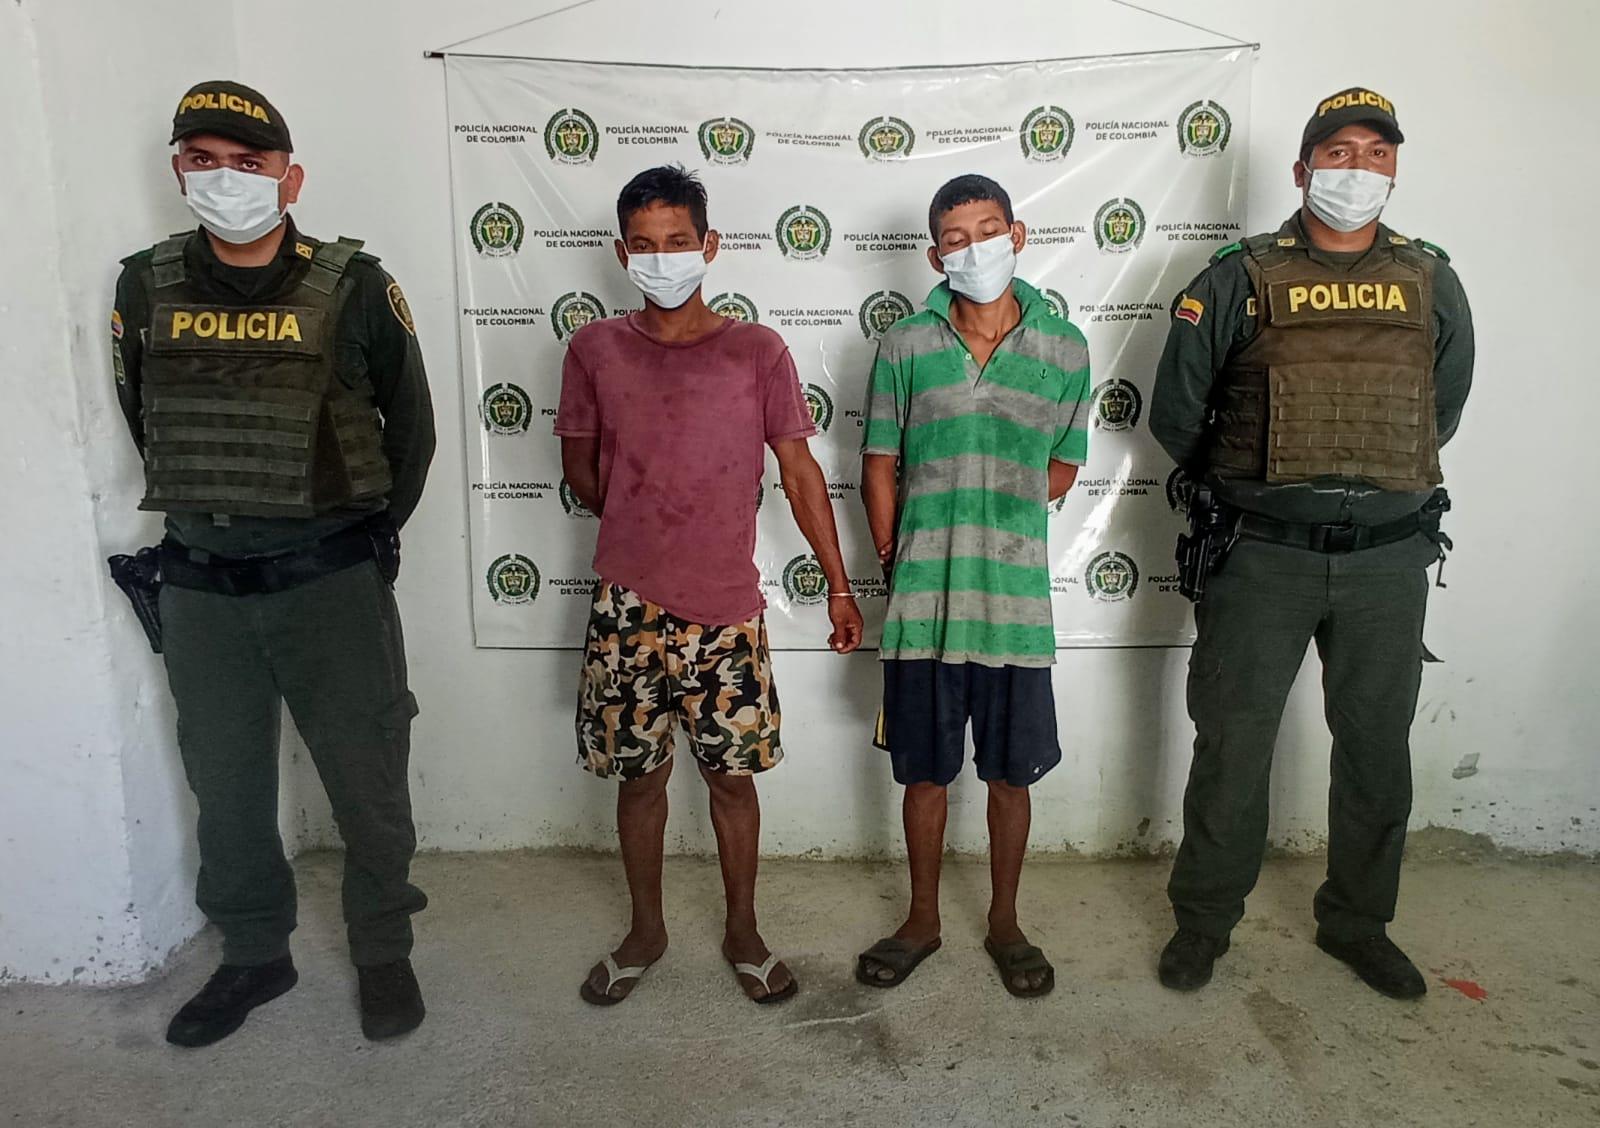 https://www.notasrosas.com/Por Homicidio Agravado fueron apresados dos hombres en Gamarra -  Cesar